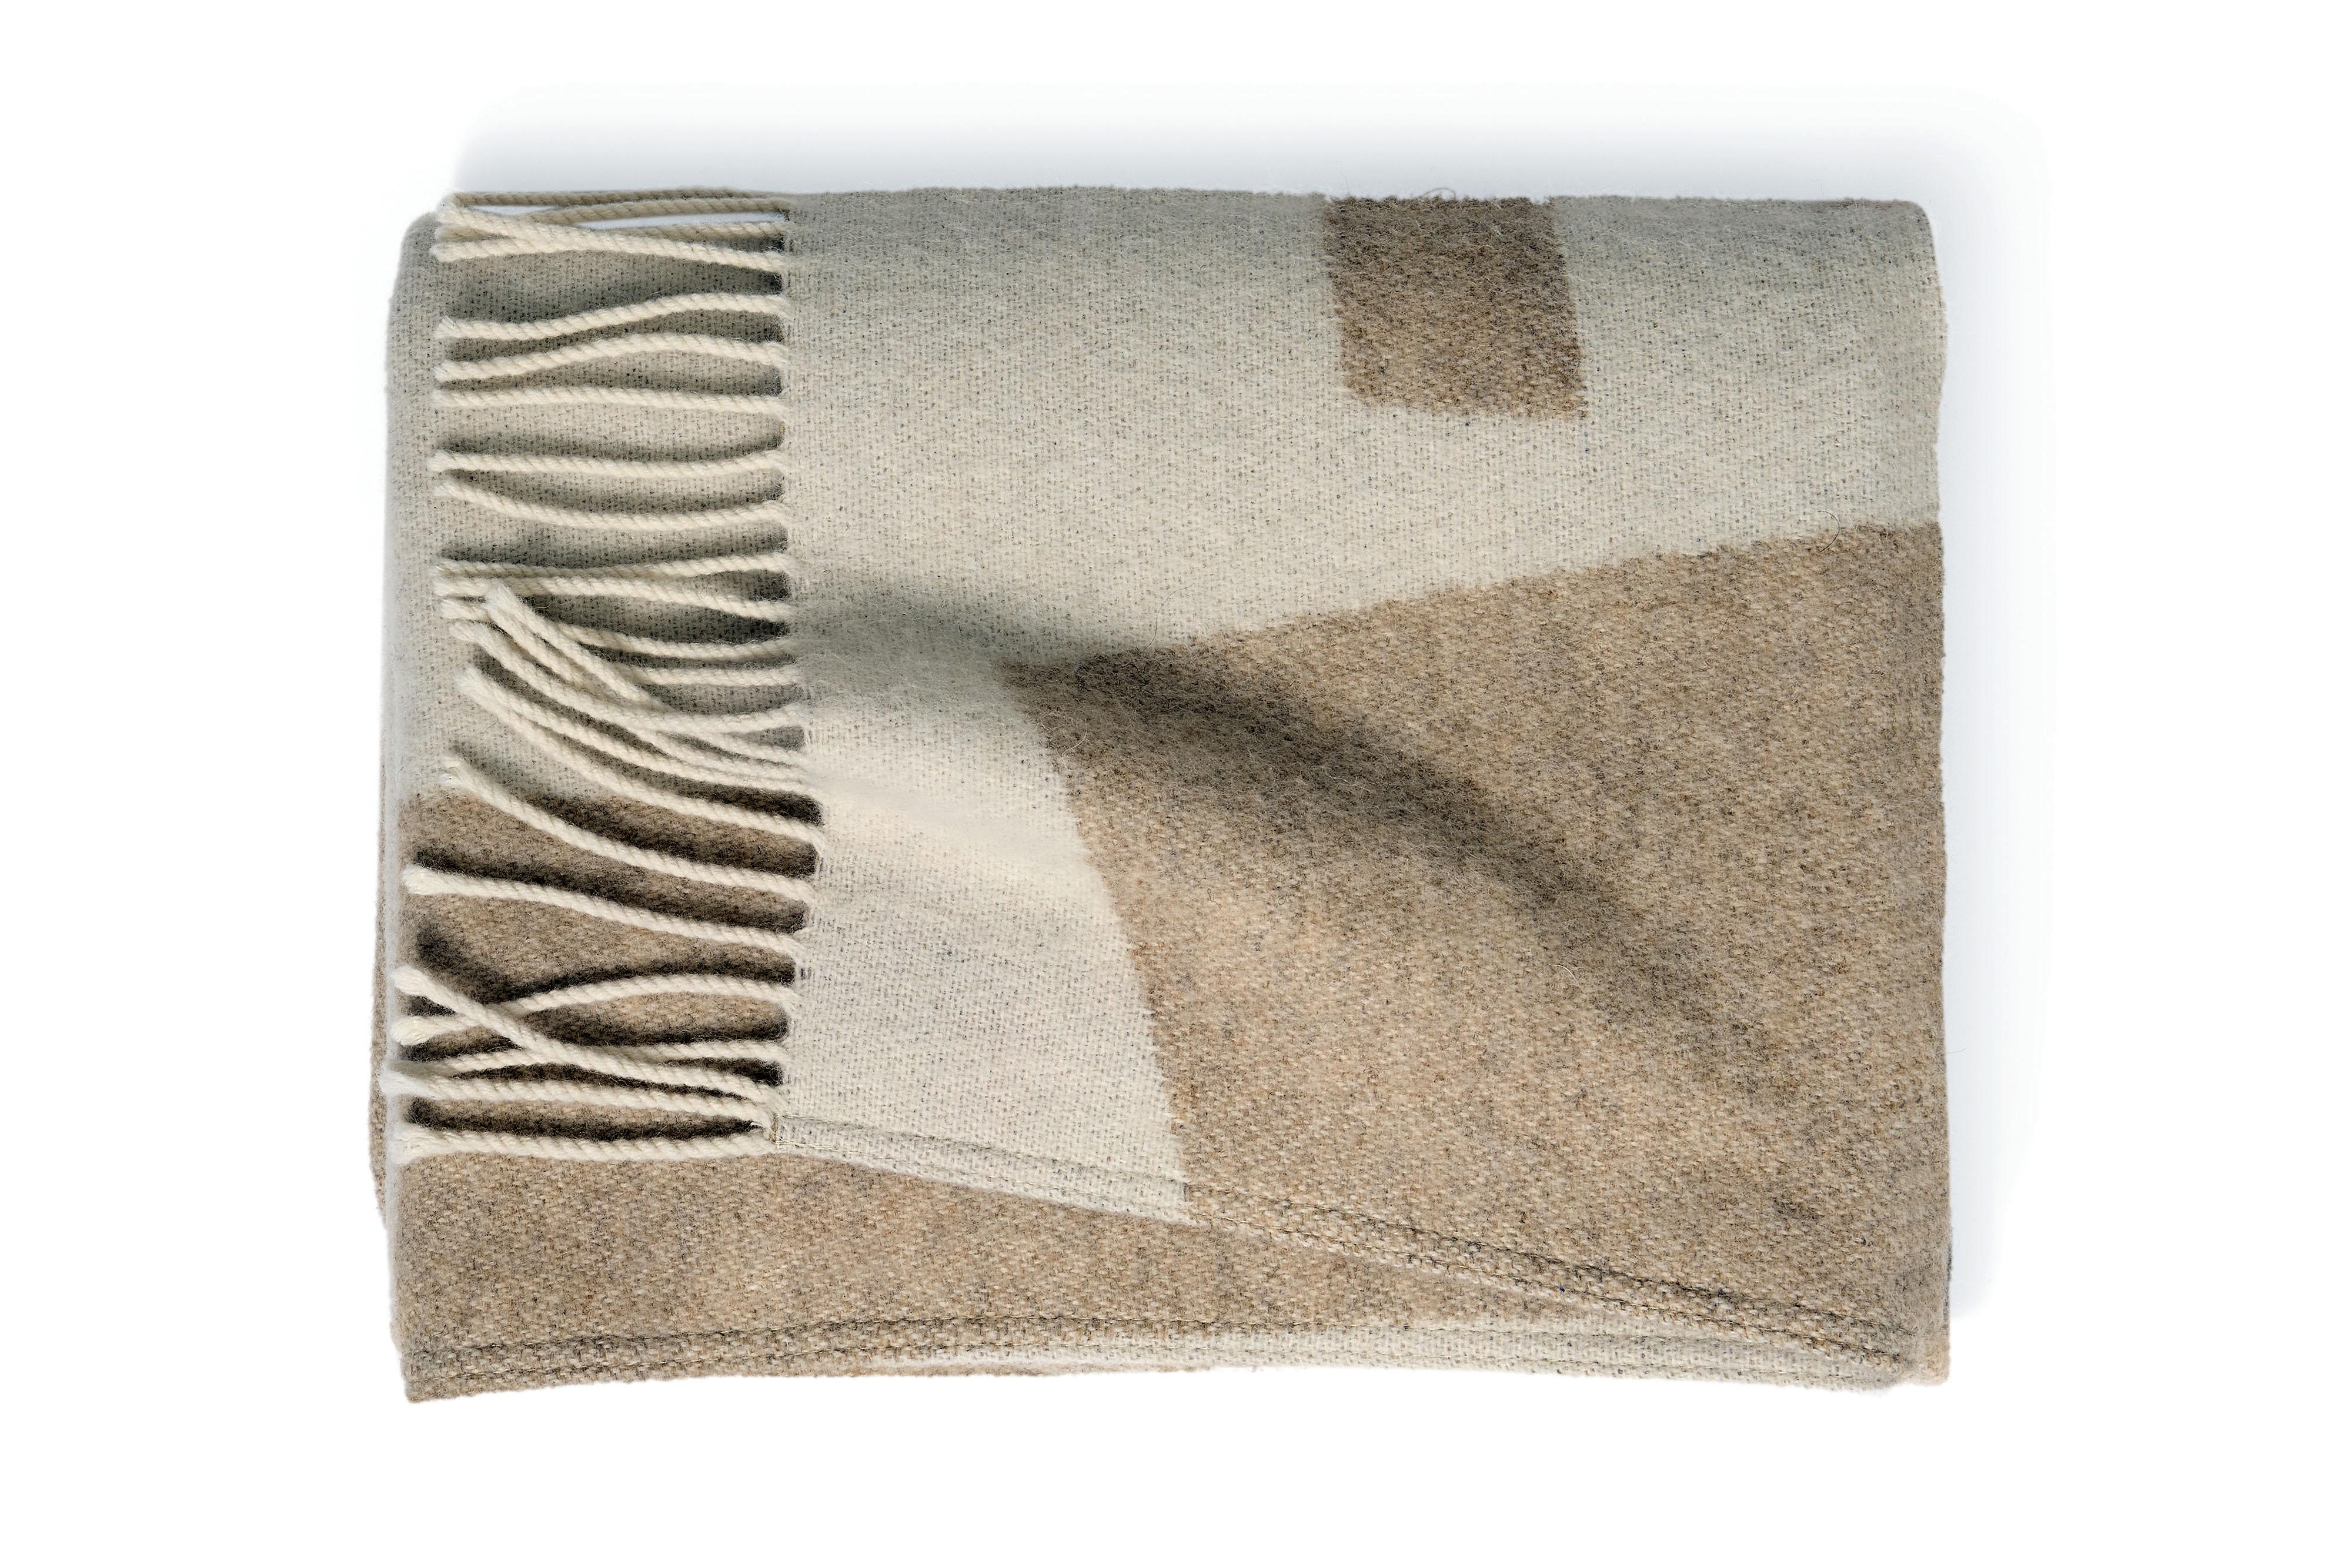 Manta de lana de 125 x 170 cm, en tonos neutros